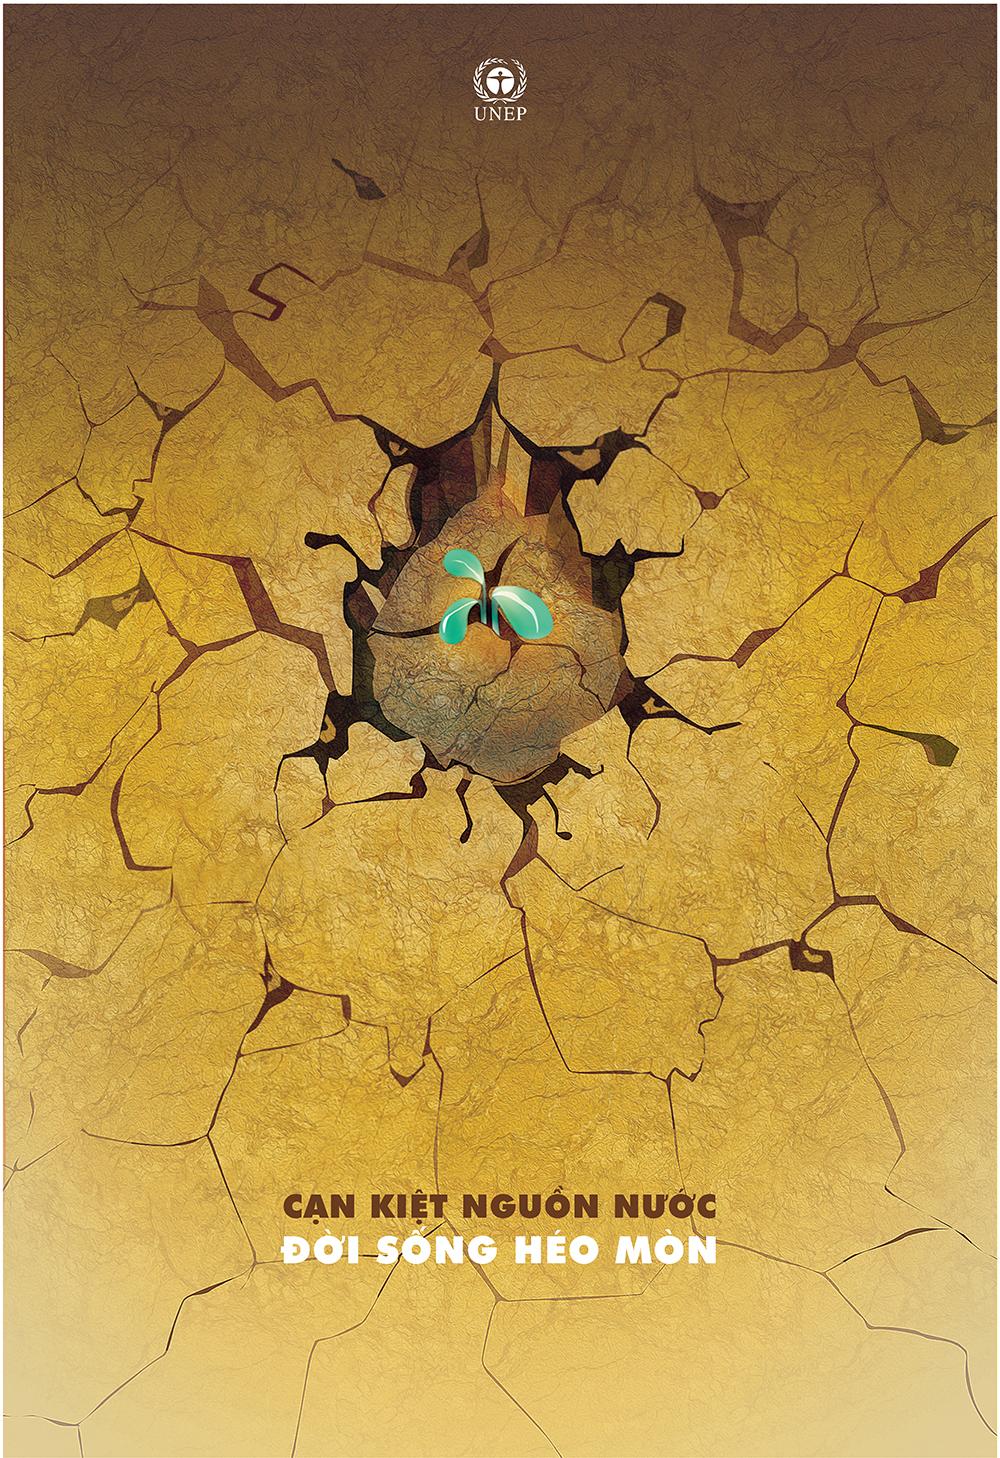 Giấy Lan Vi | Poster Cạn kiệt nguồn nước